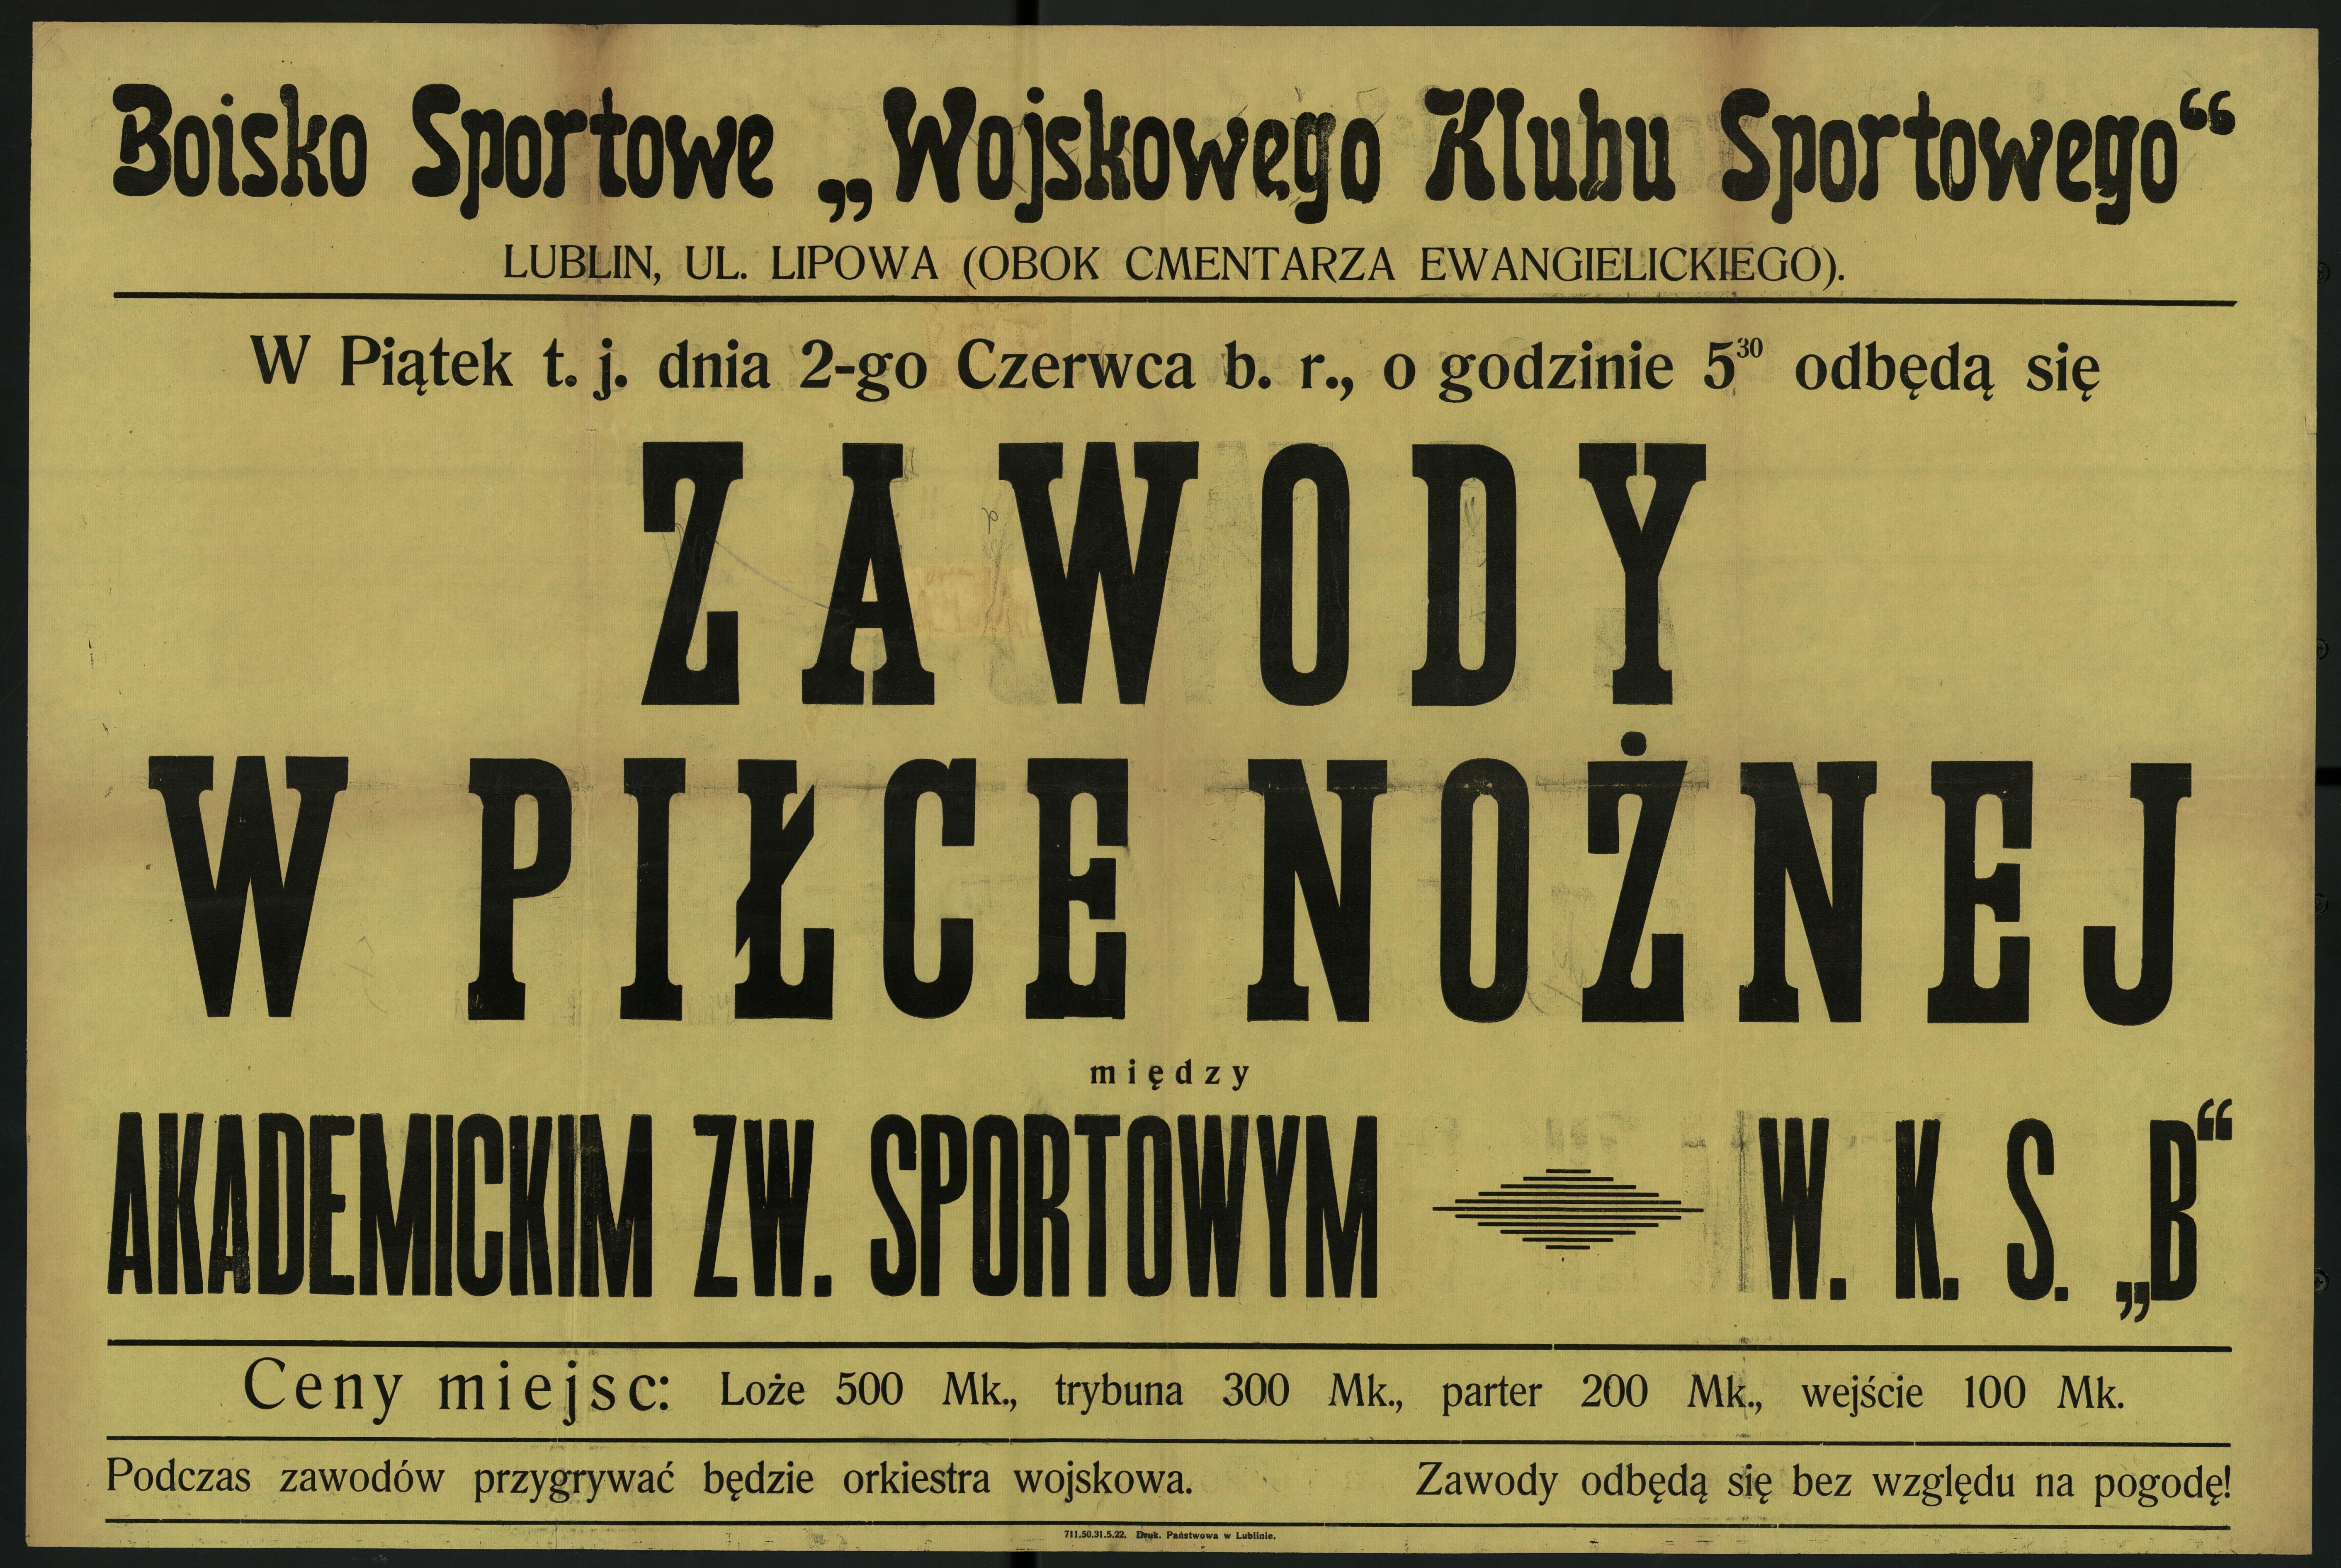 Zbiór przedwojennych afiszów sportowych